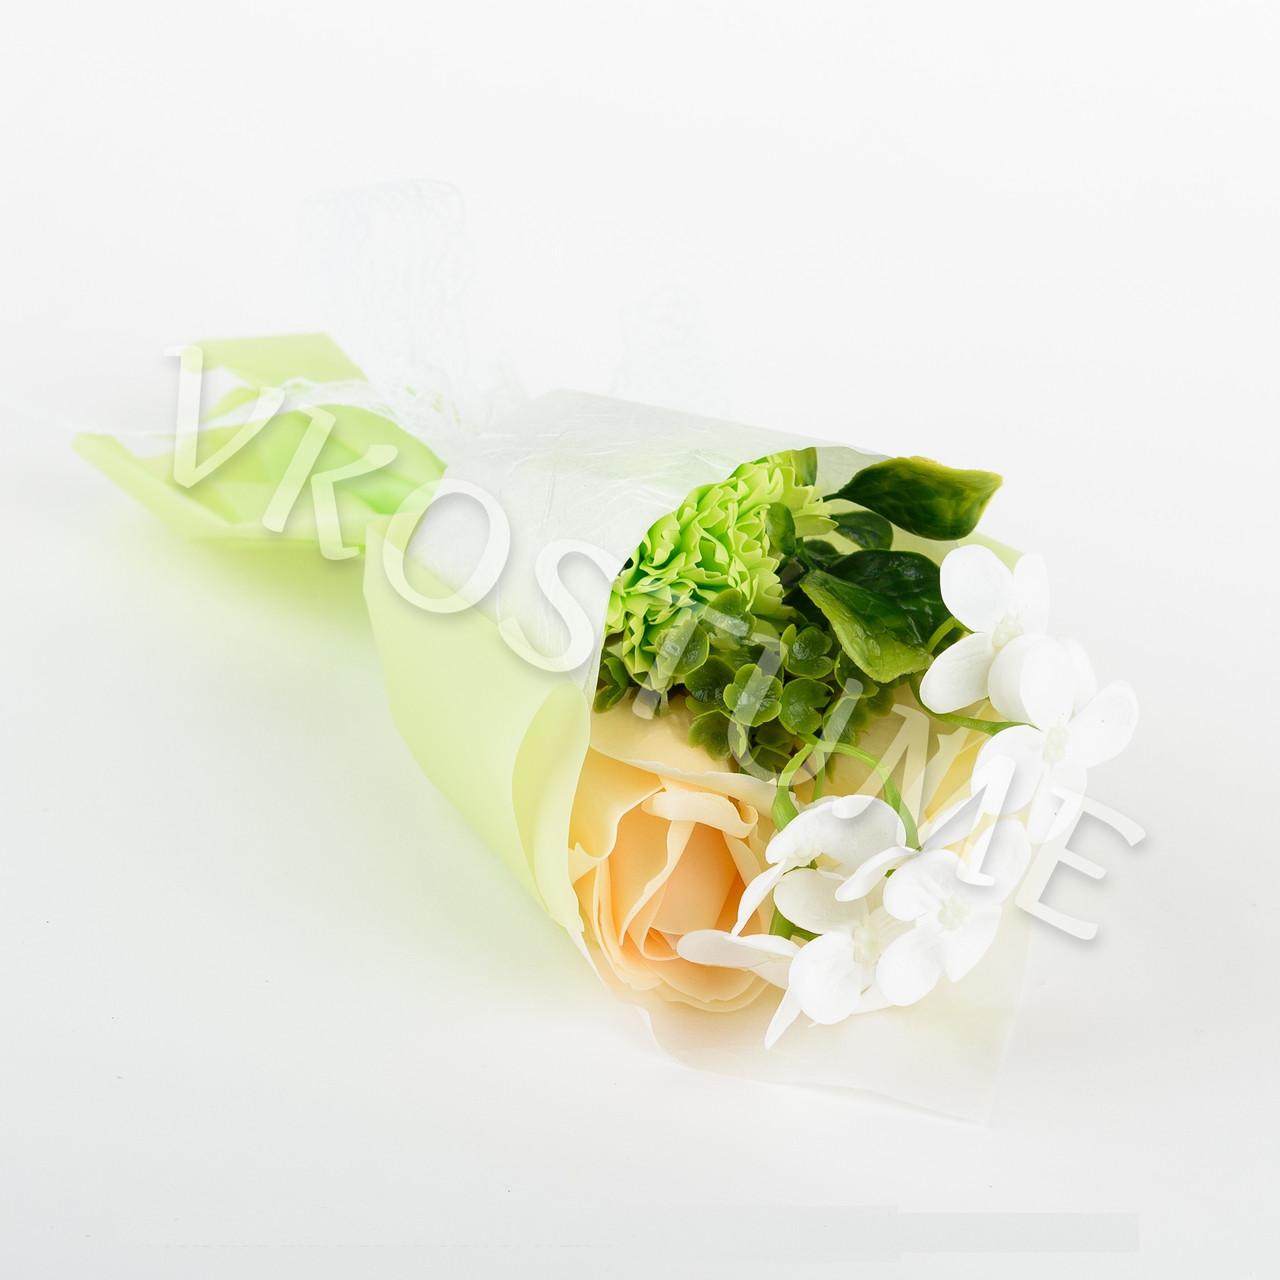 Подарочный букет роз из ароматного мыла в круглой упаковке, желтый